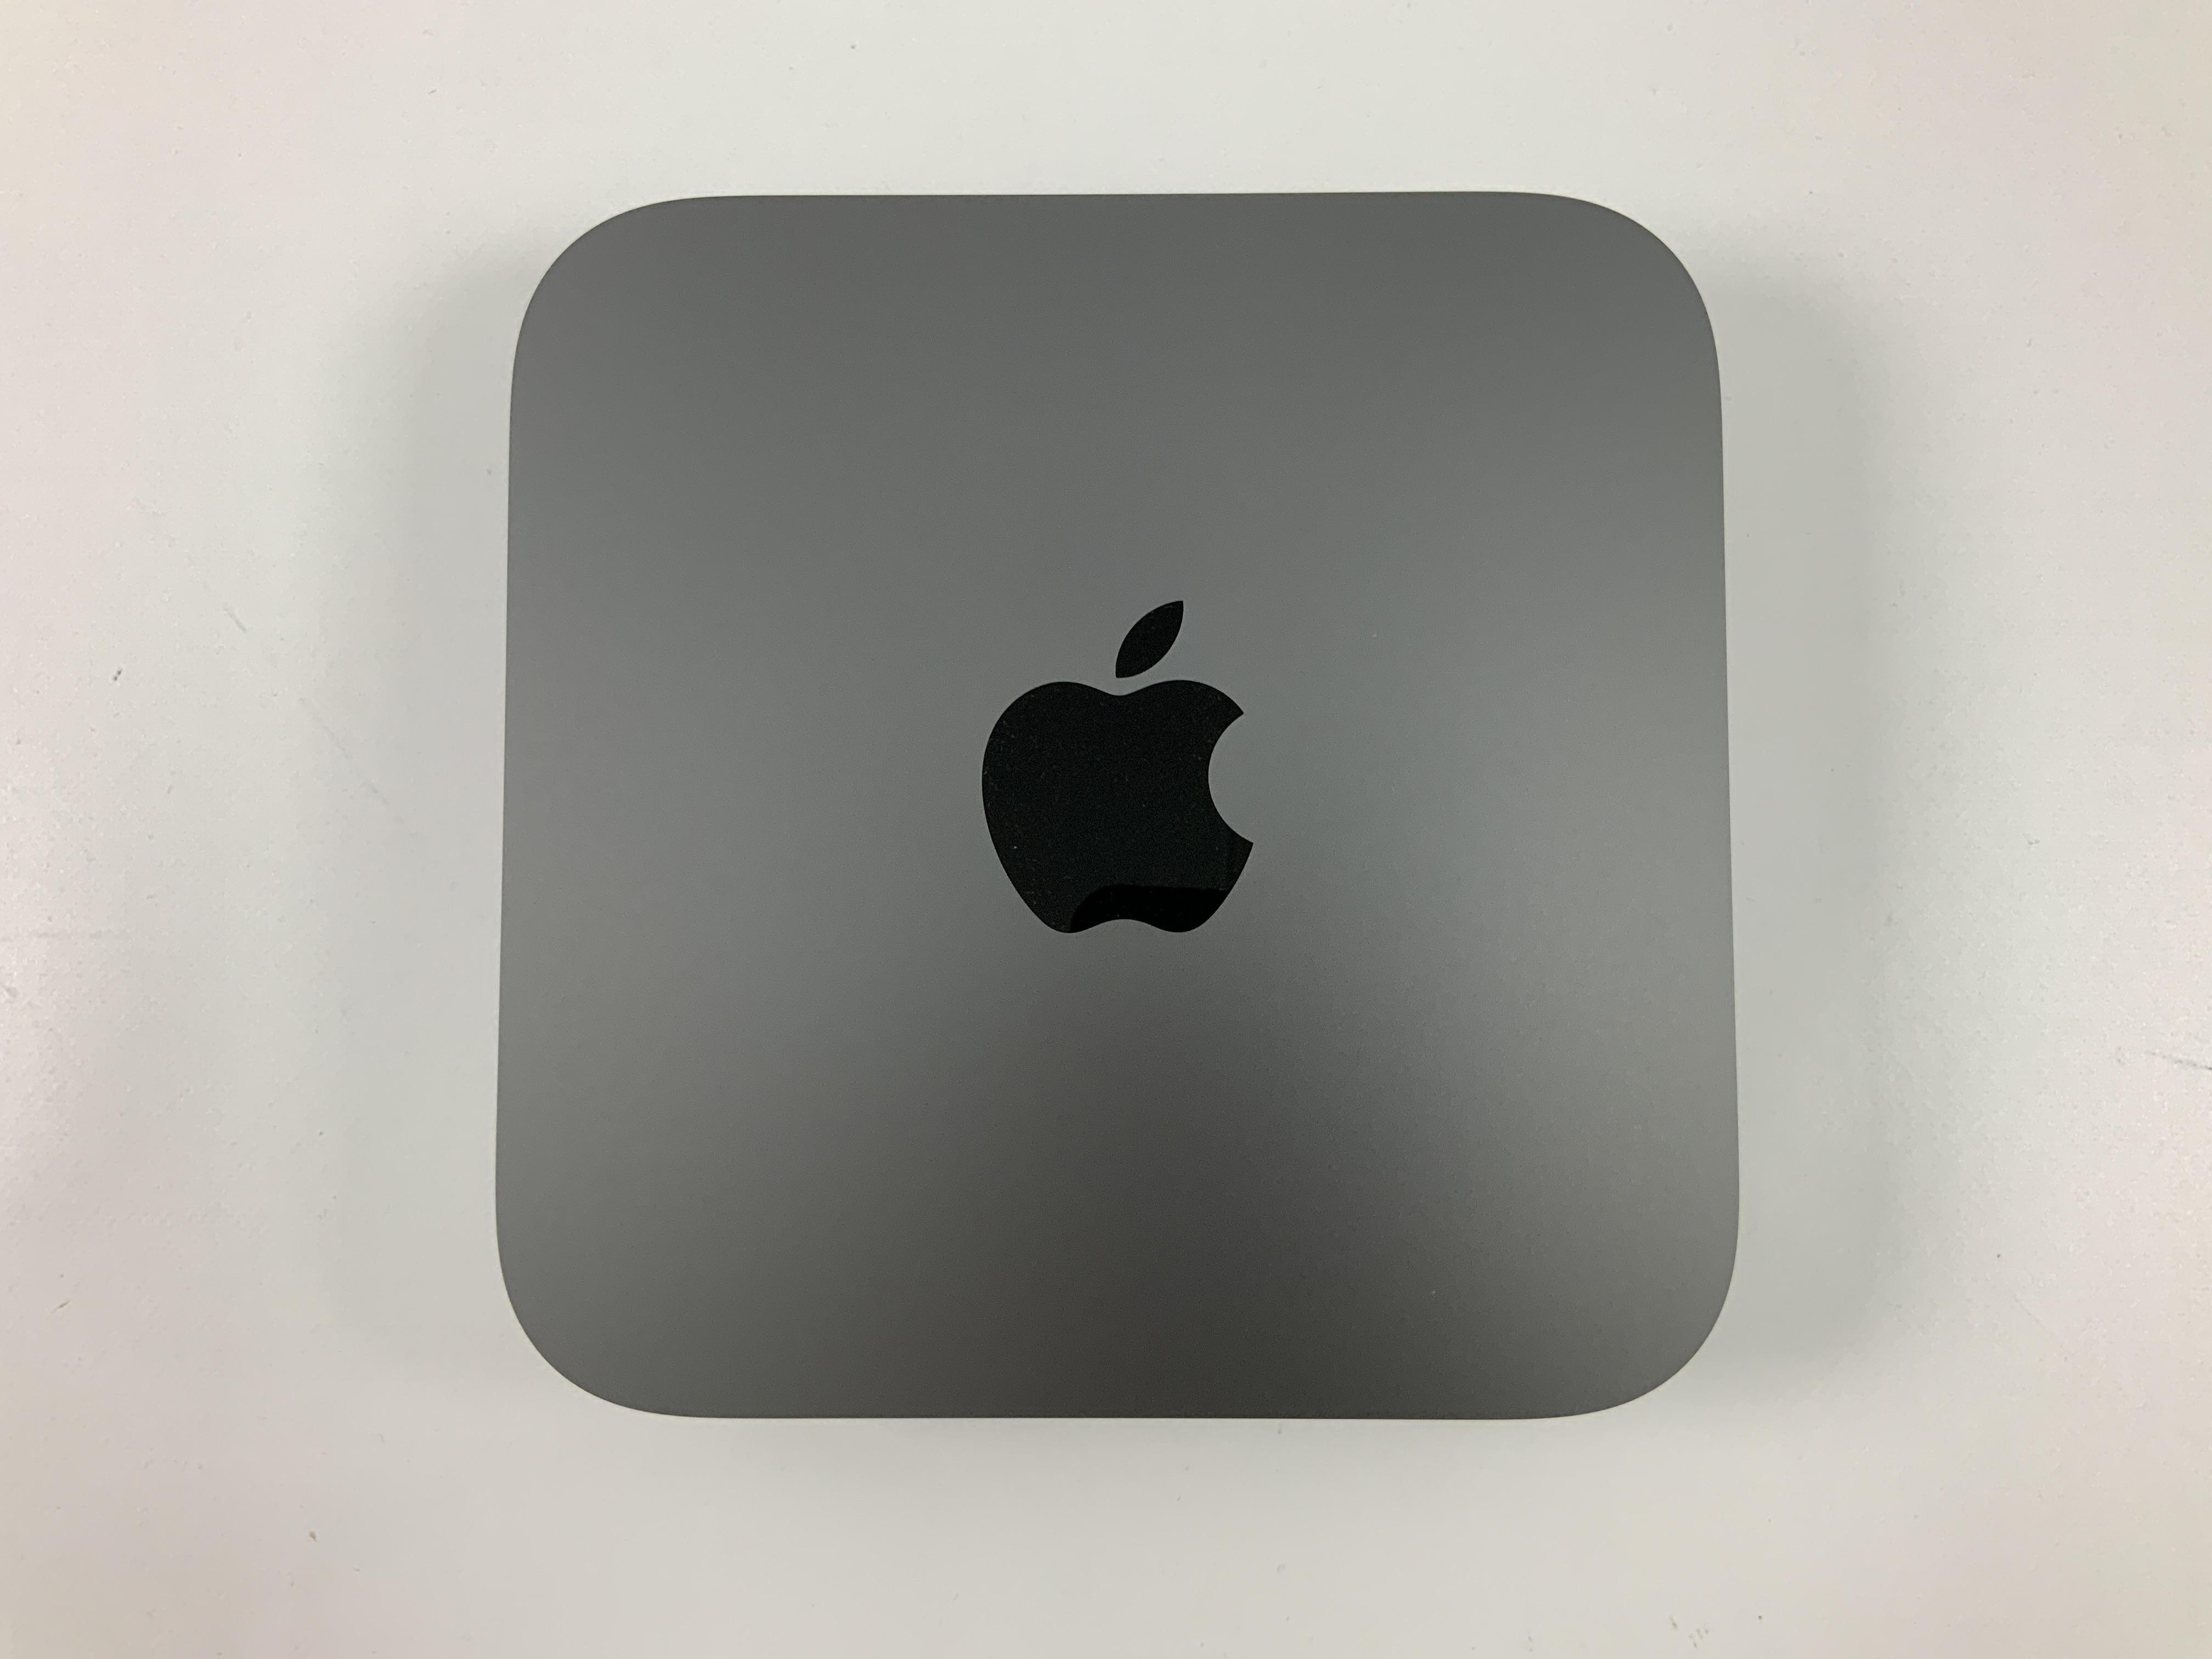 Mac Mini Late 2018 (Intel 6-Core i5 3.0 GHz 32 GB RAM 512 GB SSD), Intel 6-Core i5 3.0 GHz, 32 GB RAM, 512 GB SSD, Bild 1